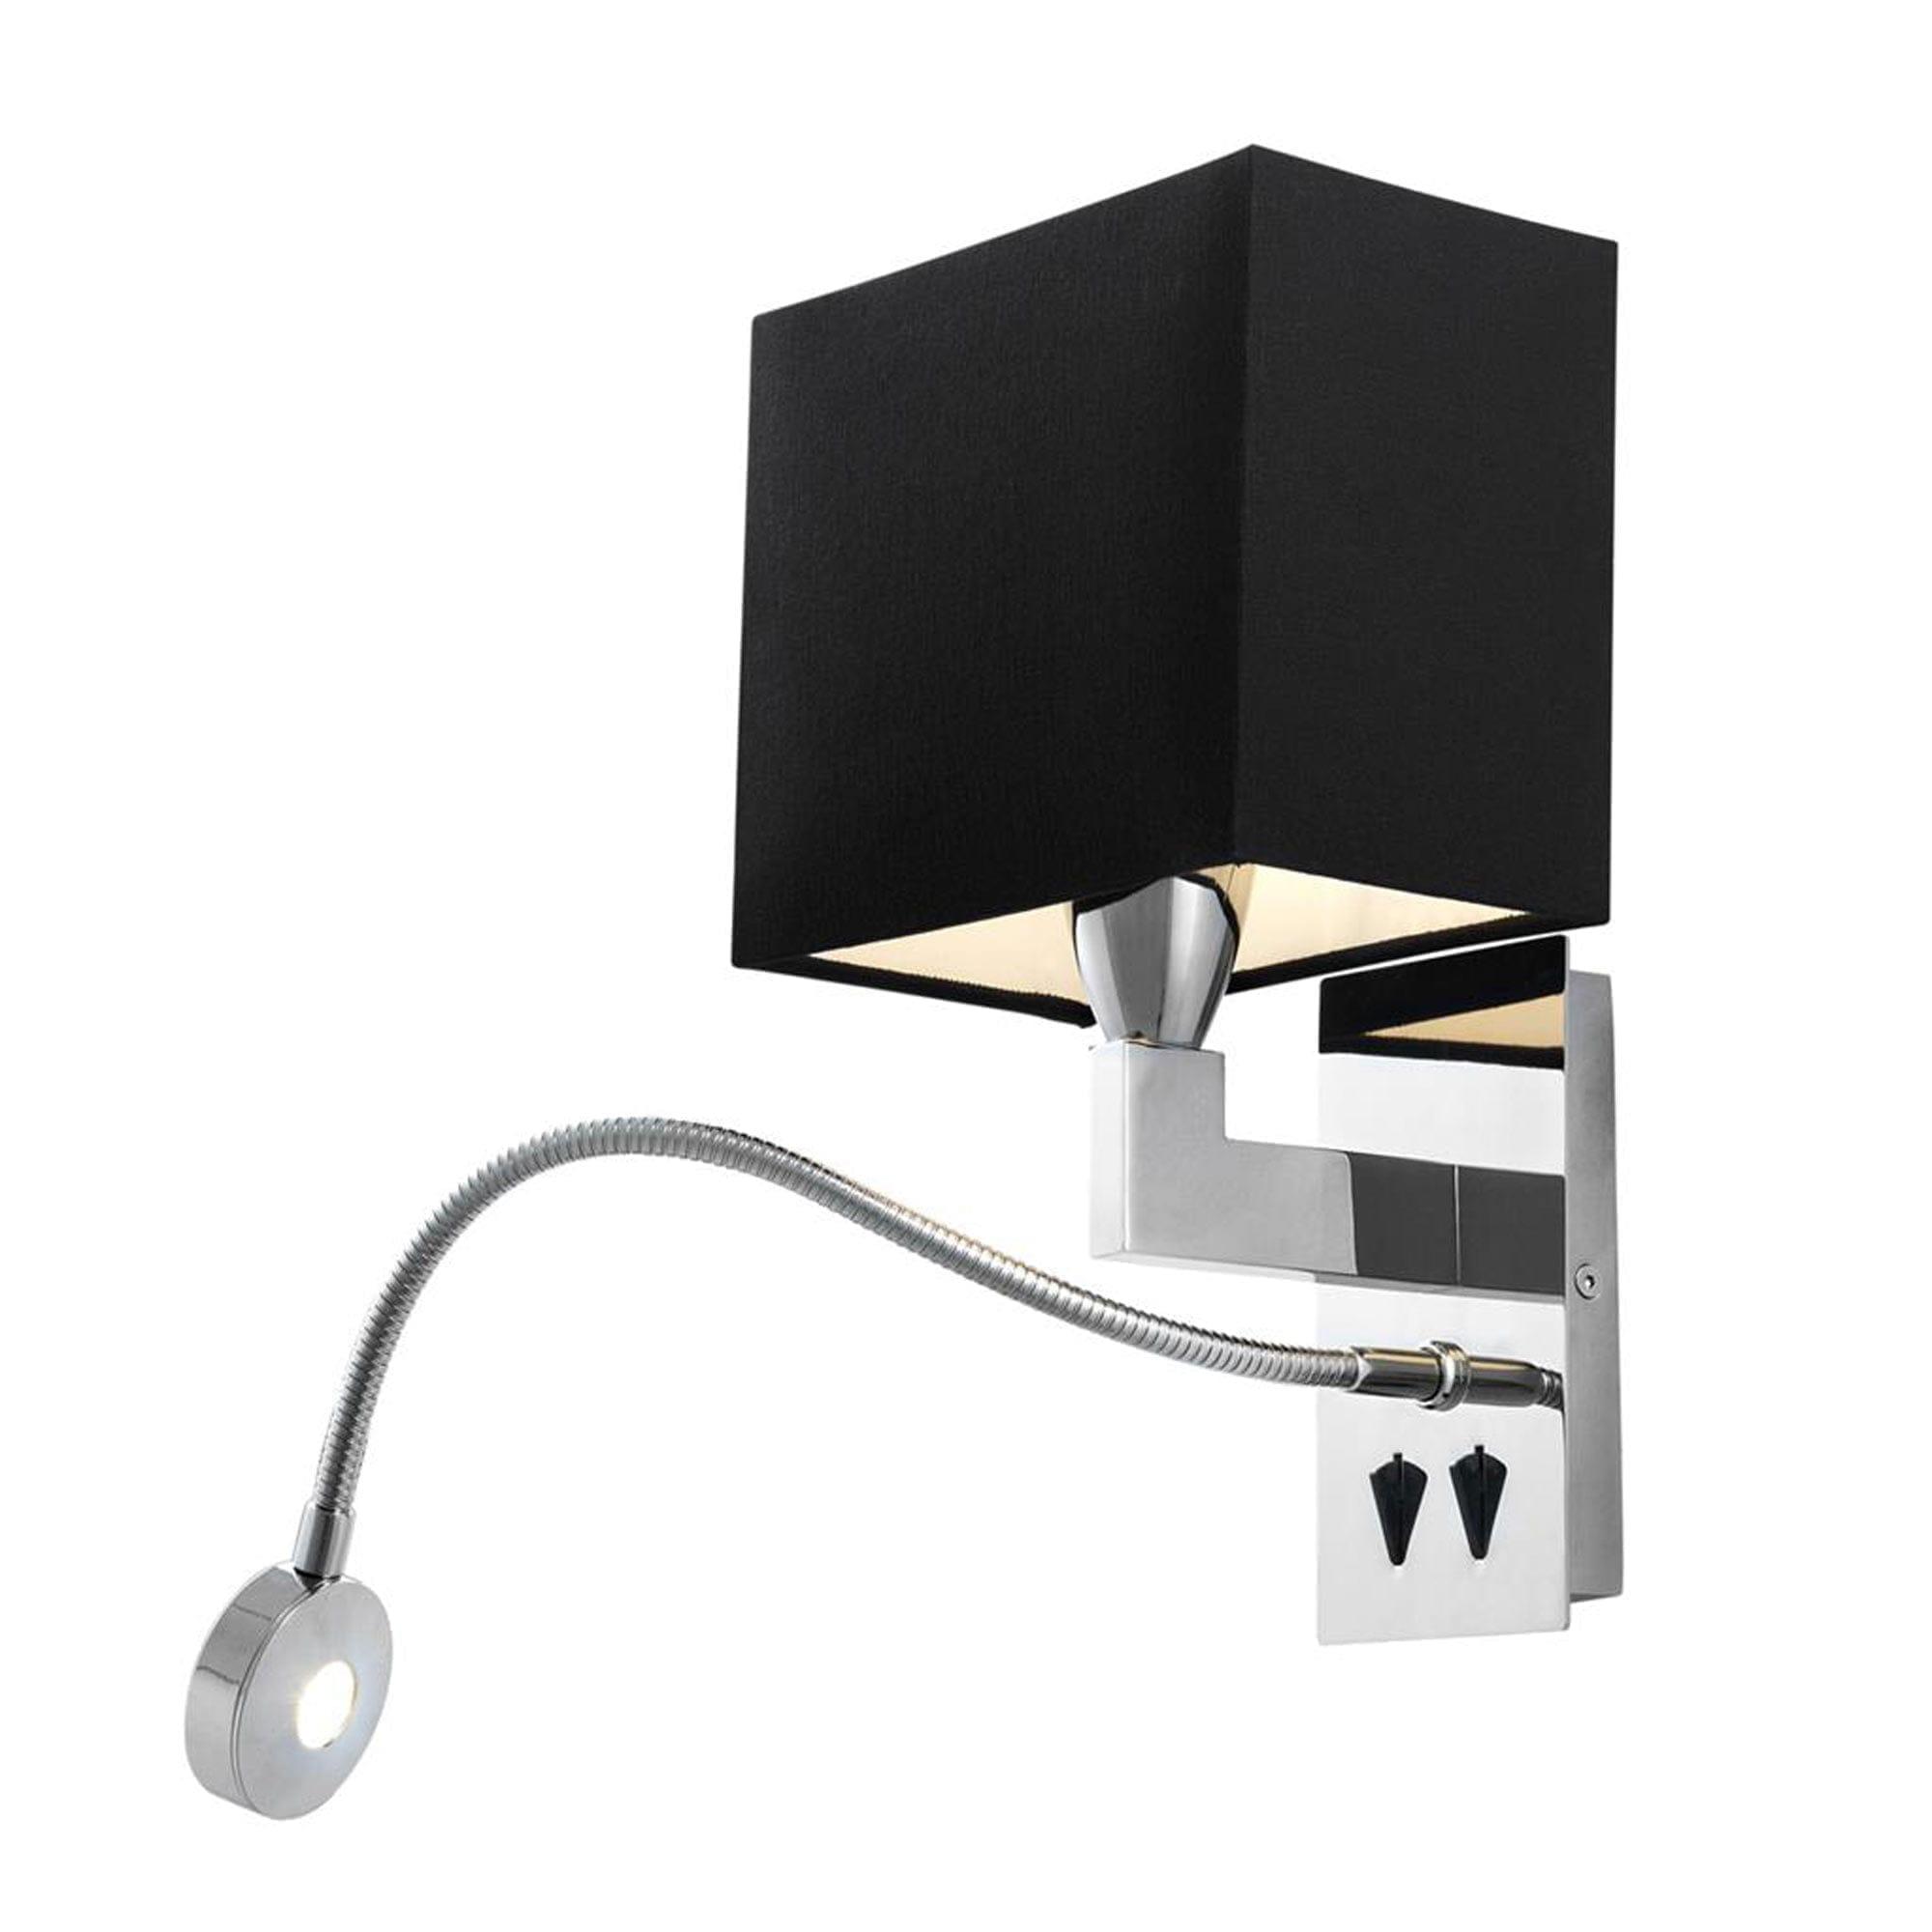 Настенный светильник для чтения никель с оттенком Eichholtz 110155